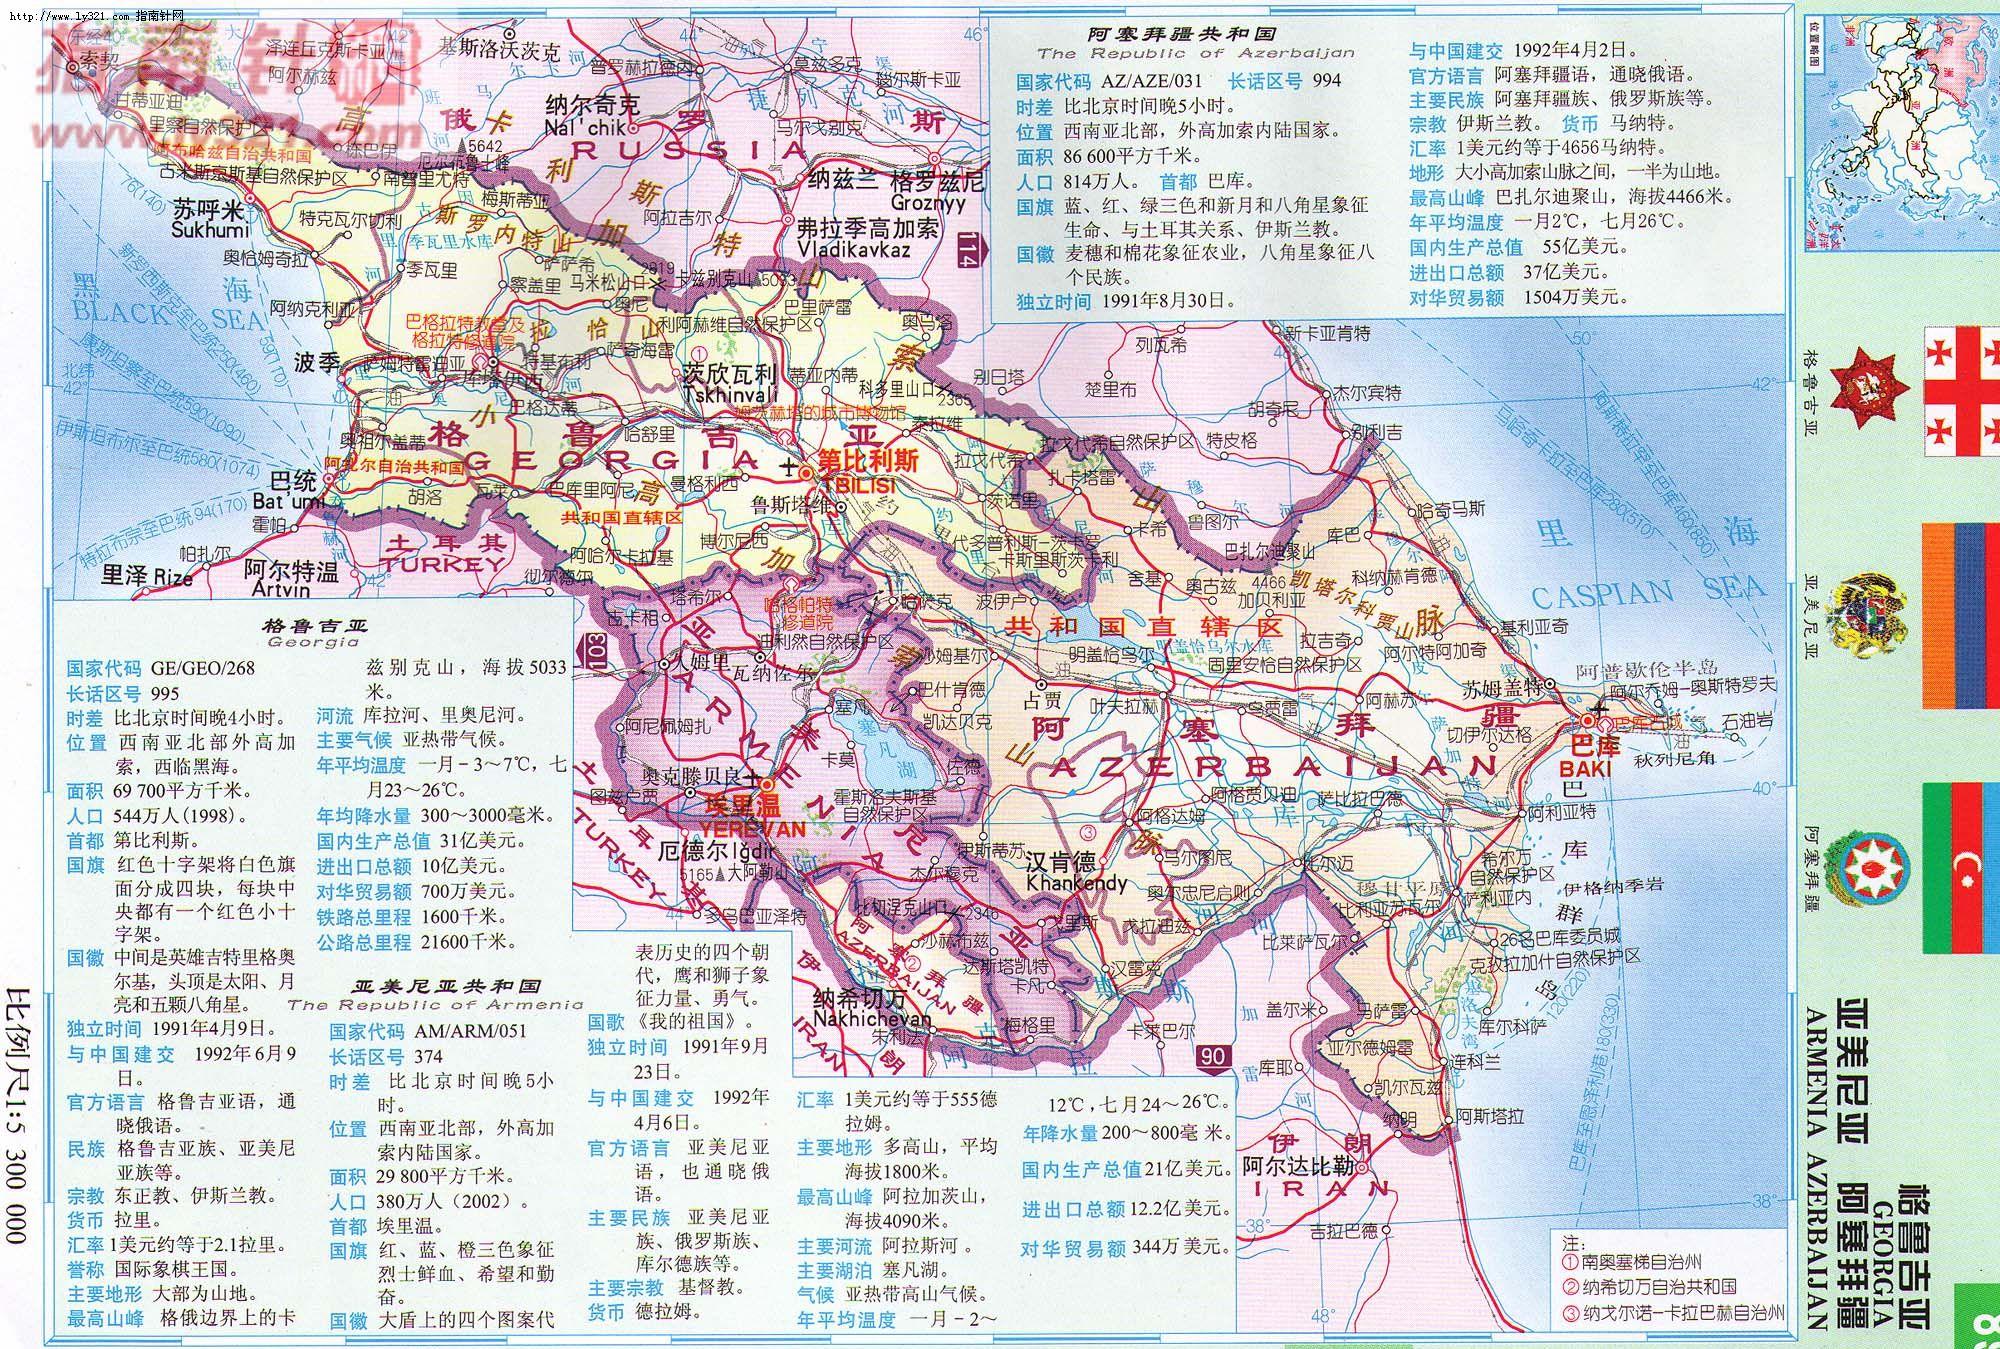 黎巴嫩地图_阿塞拜疆地图_阿塞拜疆地图库